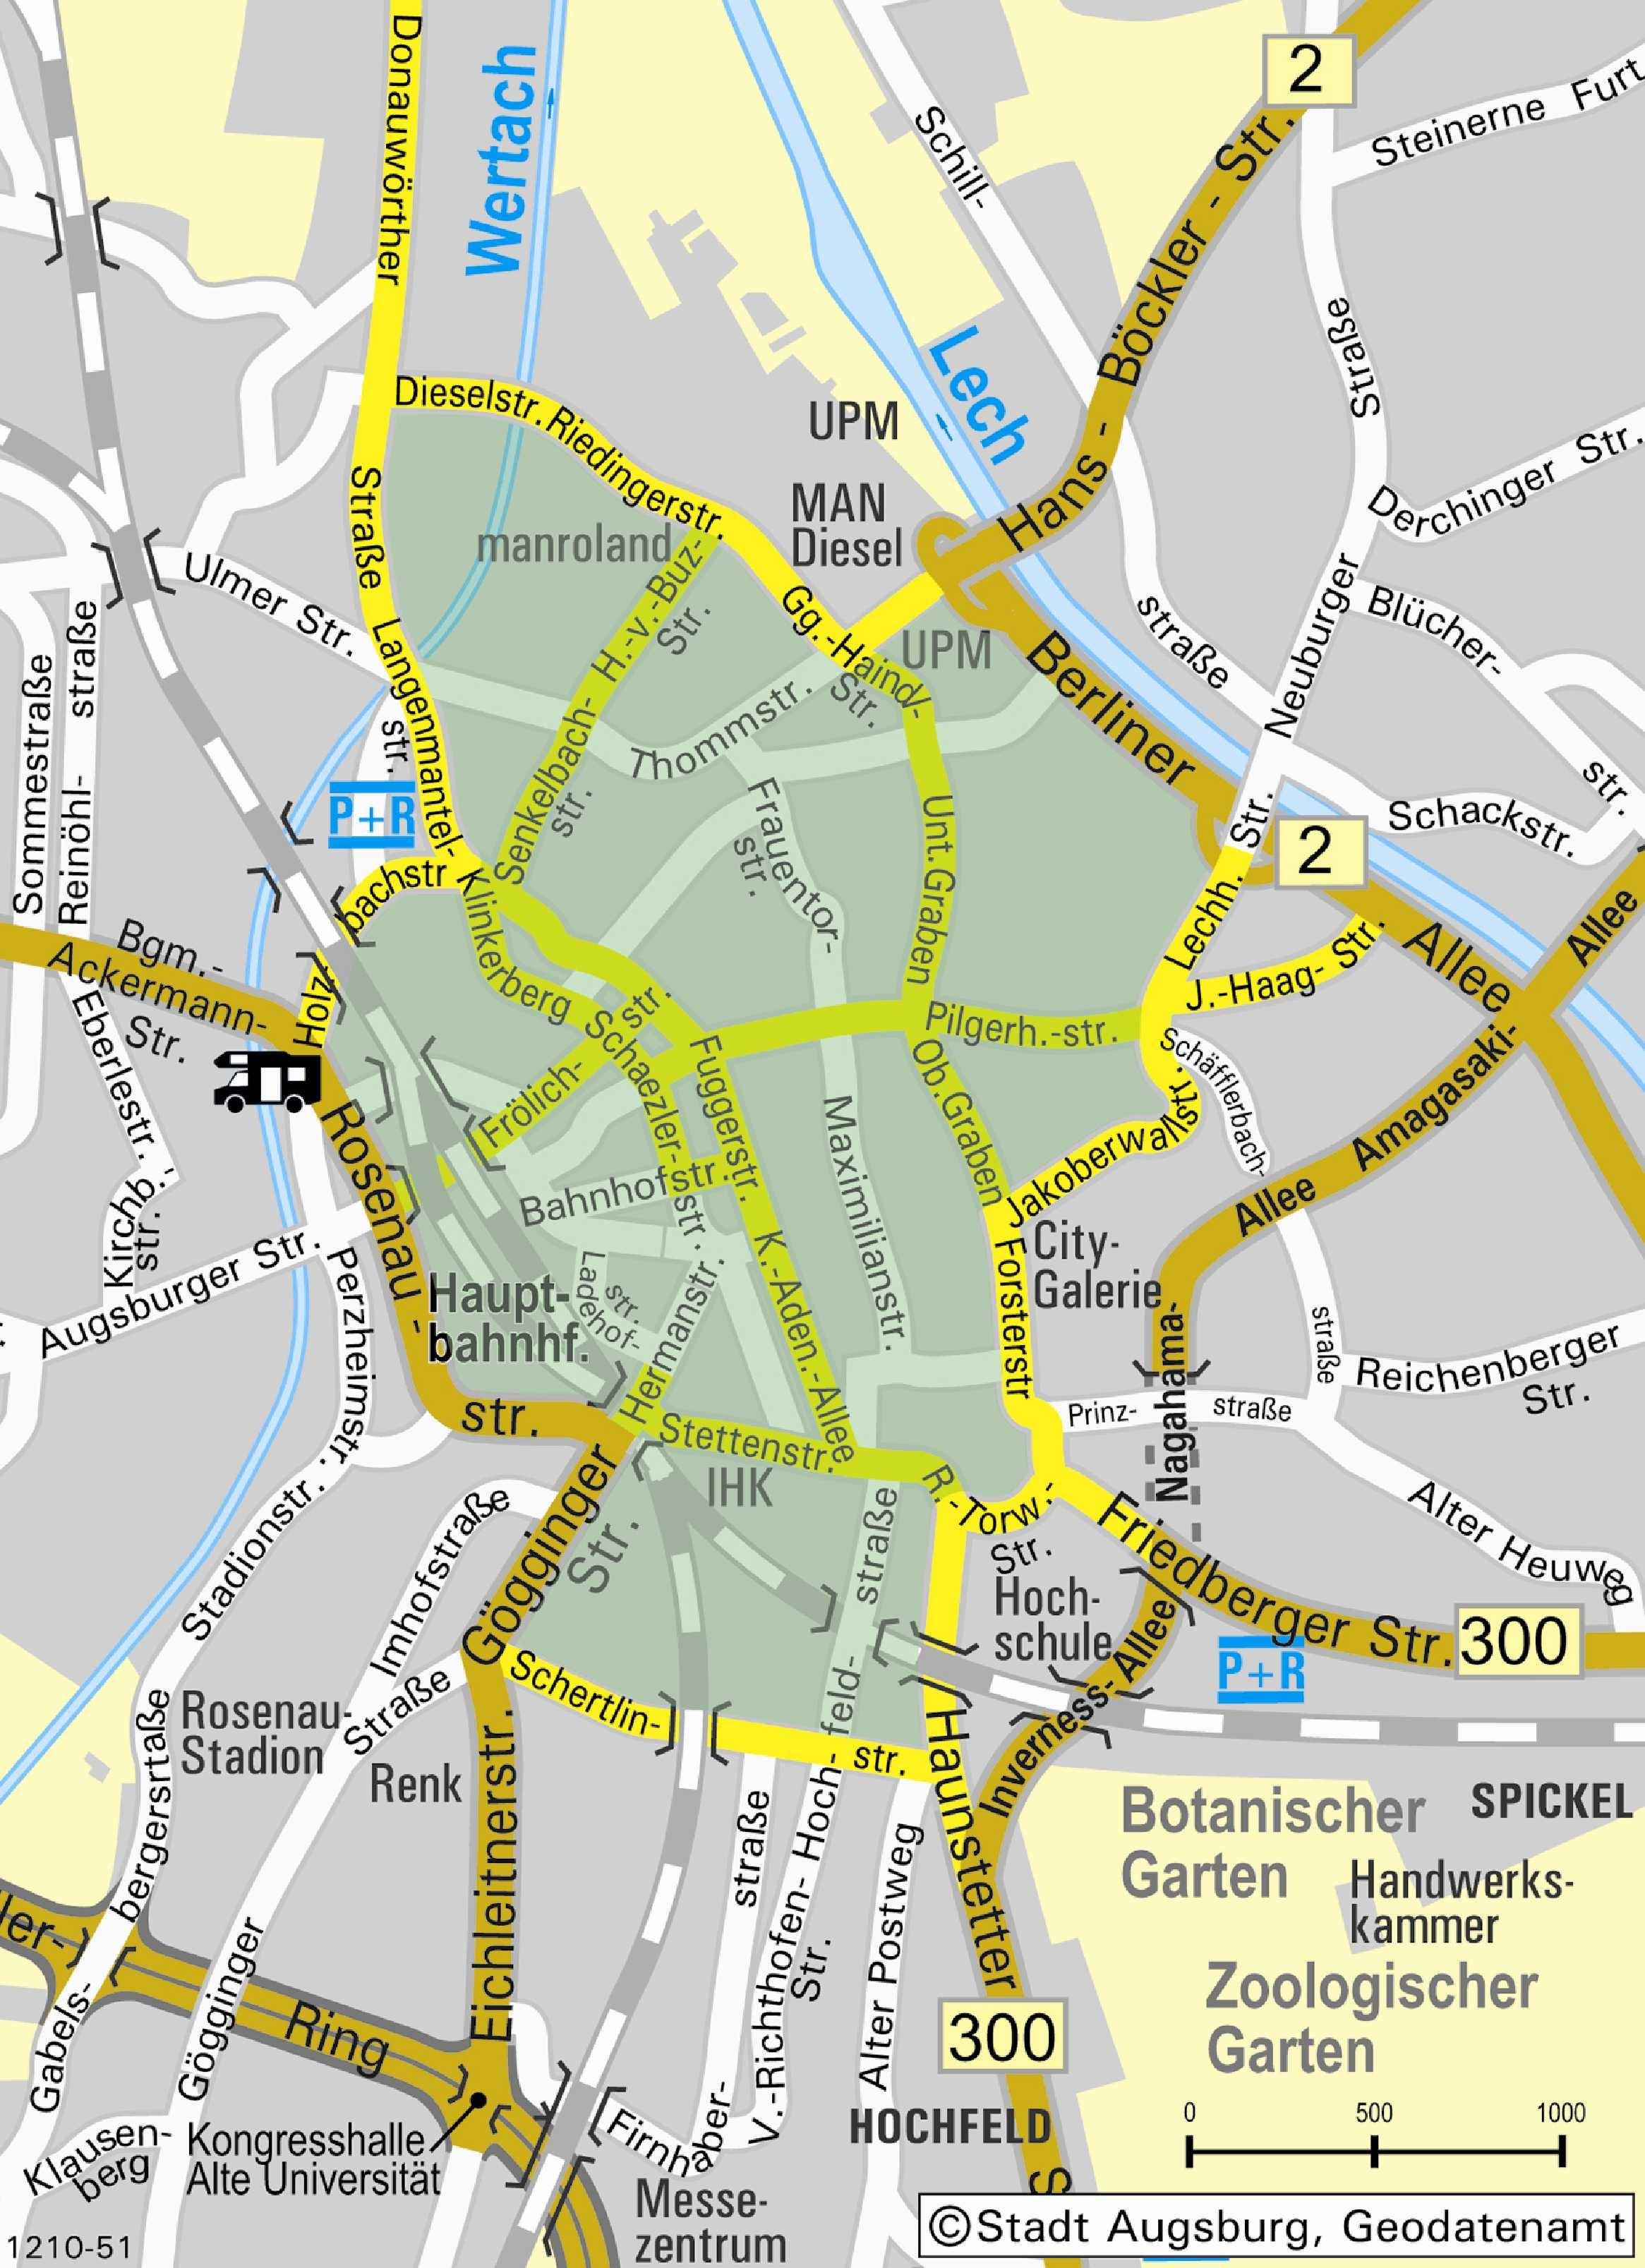 Umweltzone München Karte.Umweltzone Stadt Augsburg